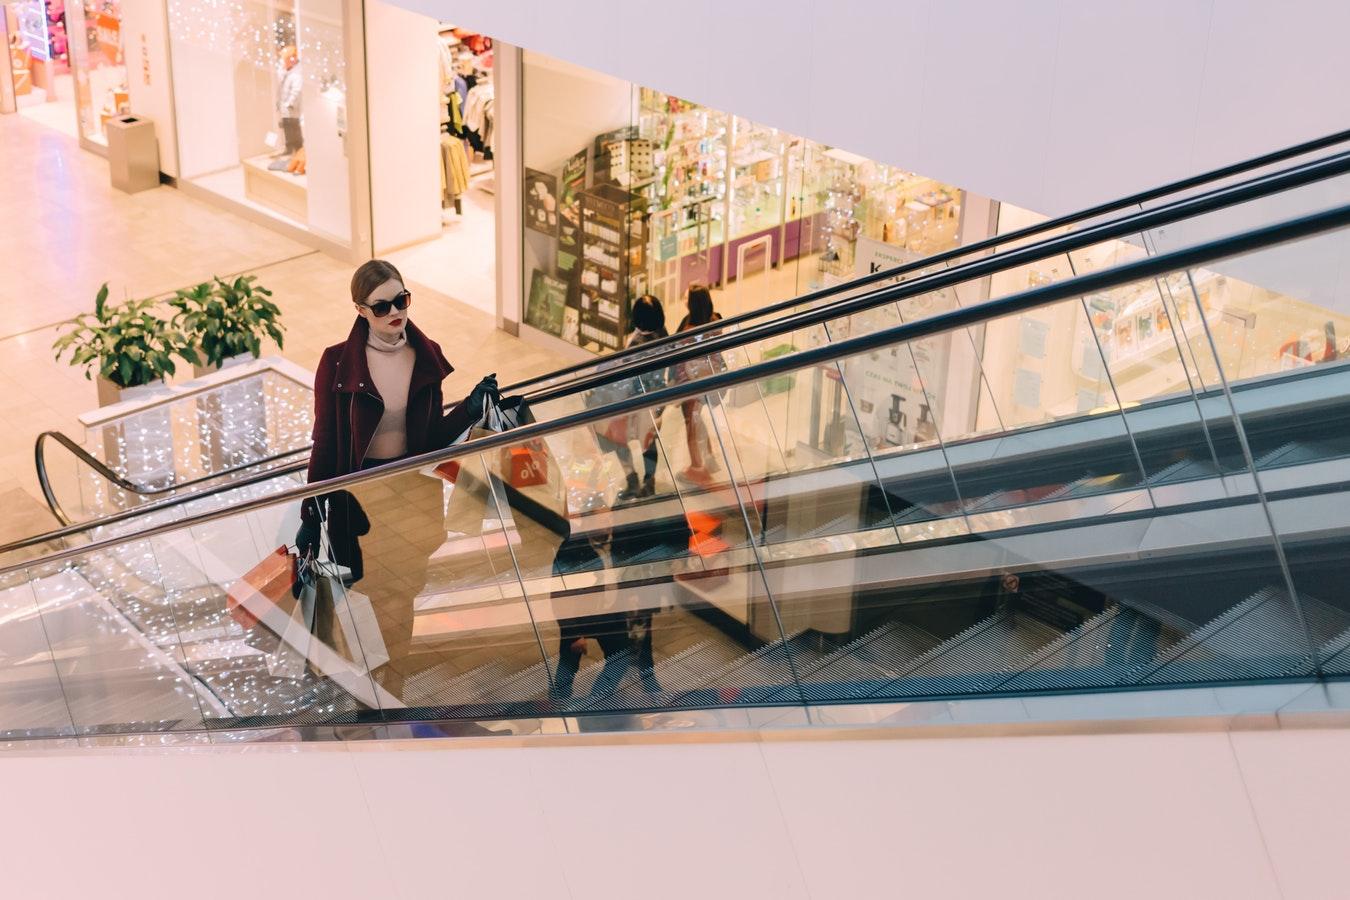 Frau auf Rolltreppe in Shoppingmall